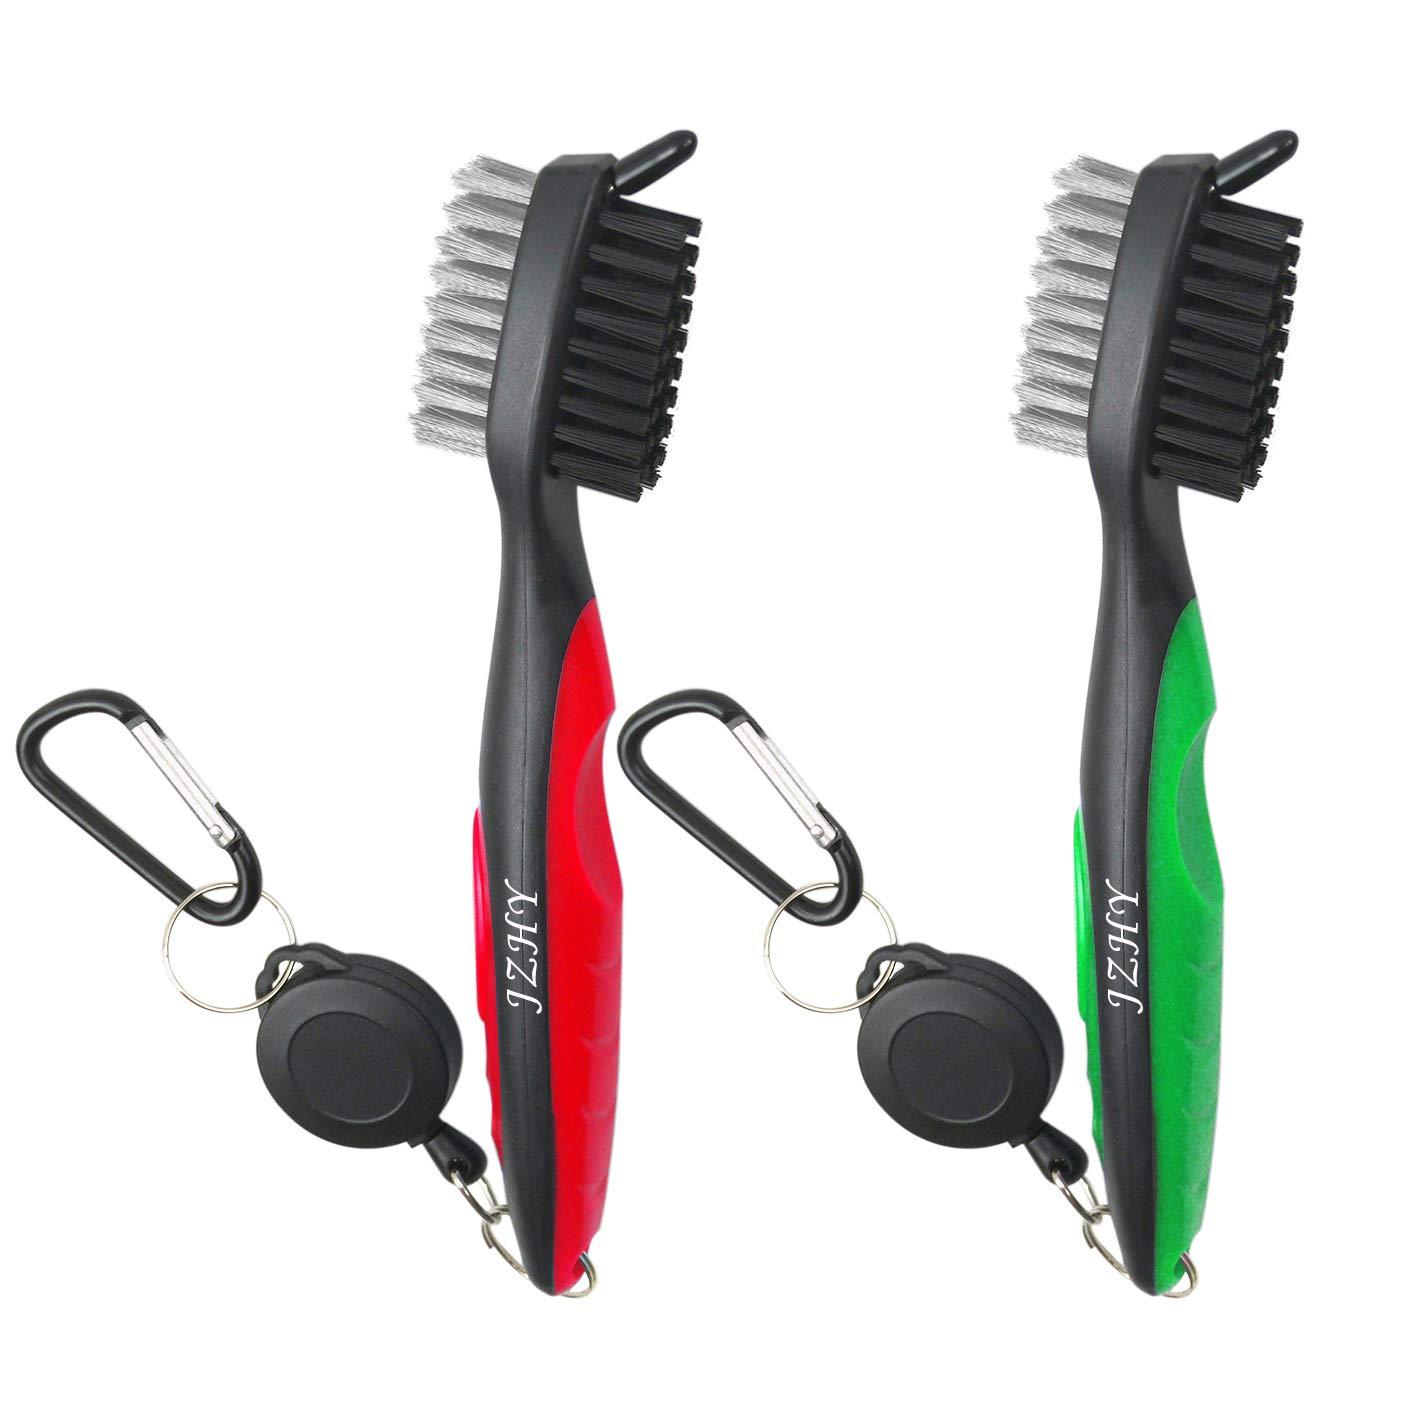 JZHY 2 Pack Golf Club cepillo ligero 2Ft cepillo de golf retráctil y Club Groove limpiador con Zip-line de aluminio Carabiner(rojo&verde)